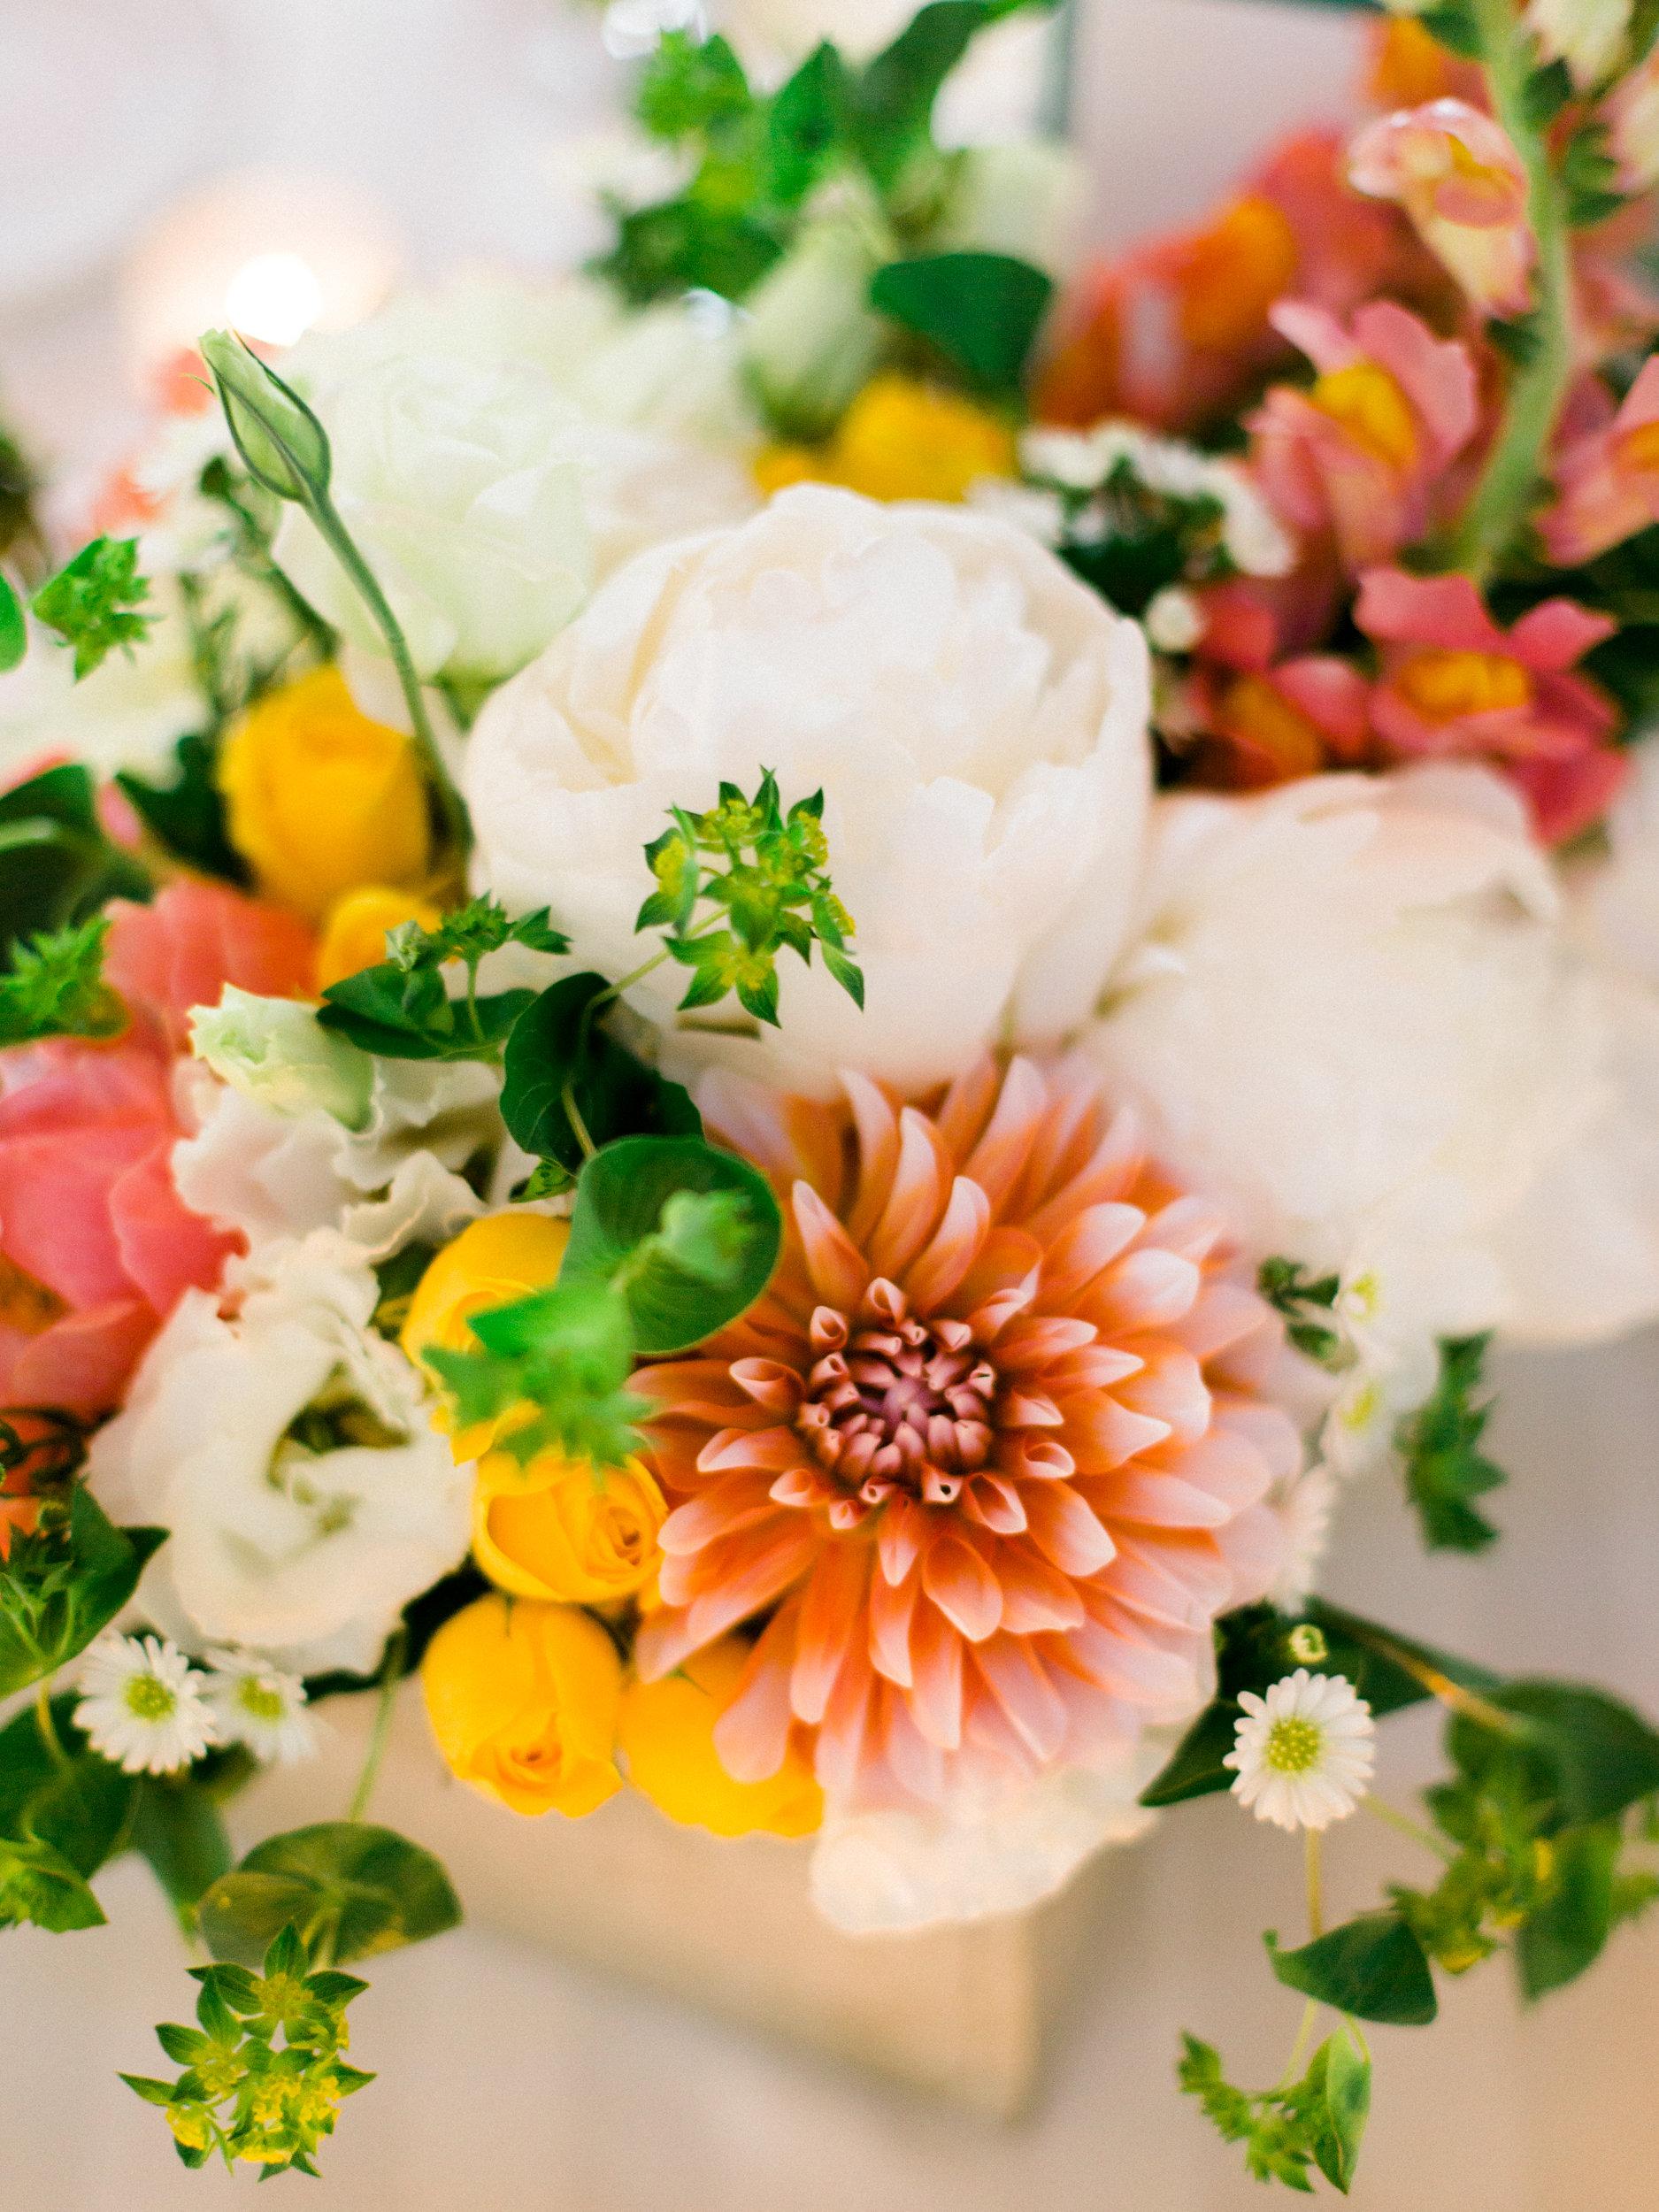 photography:liveviewstudios.com